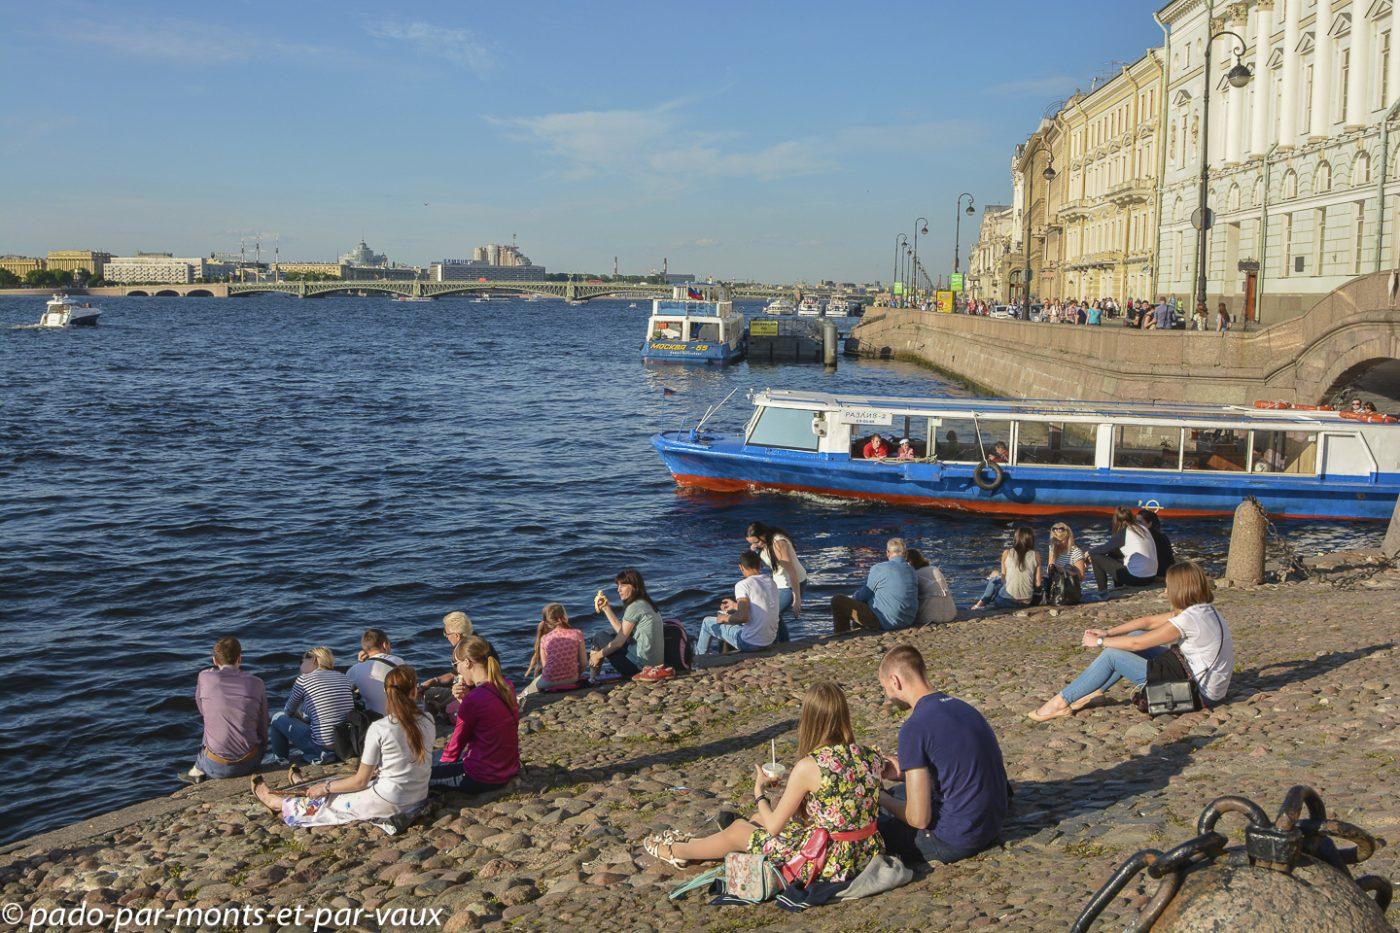 St Pétersbourg - bords de la Neva